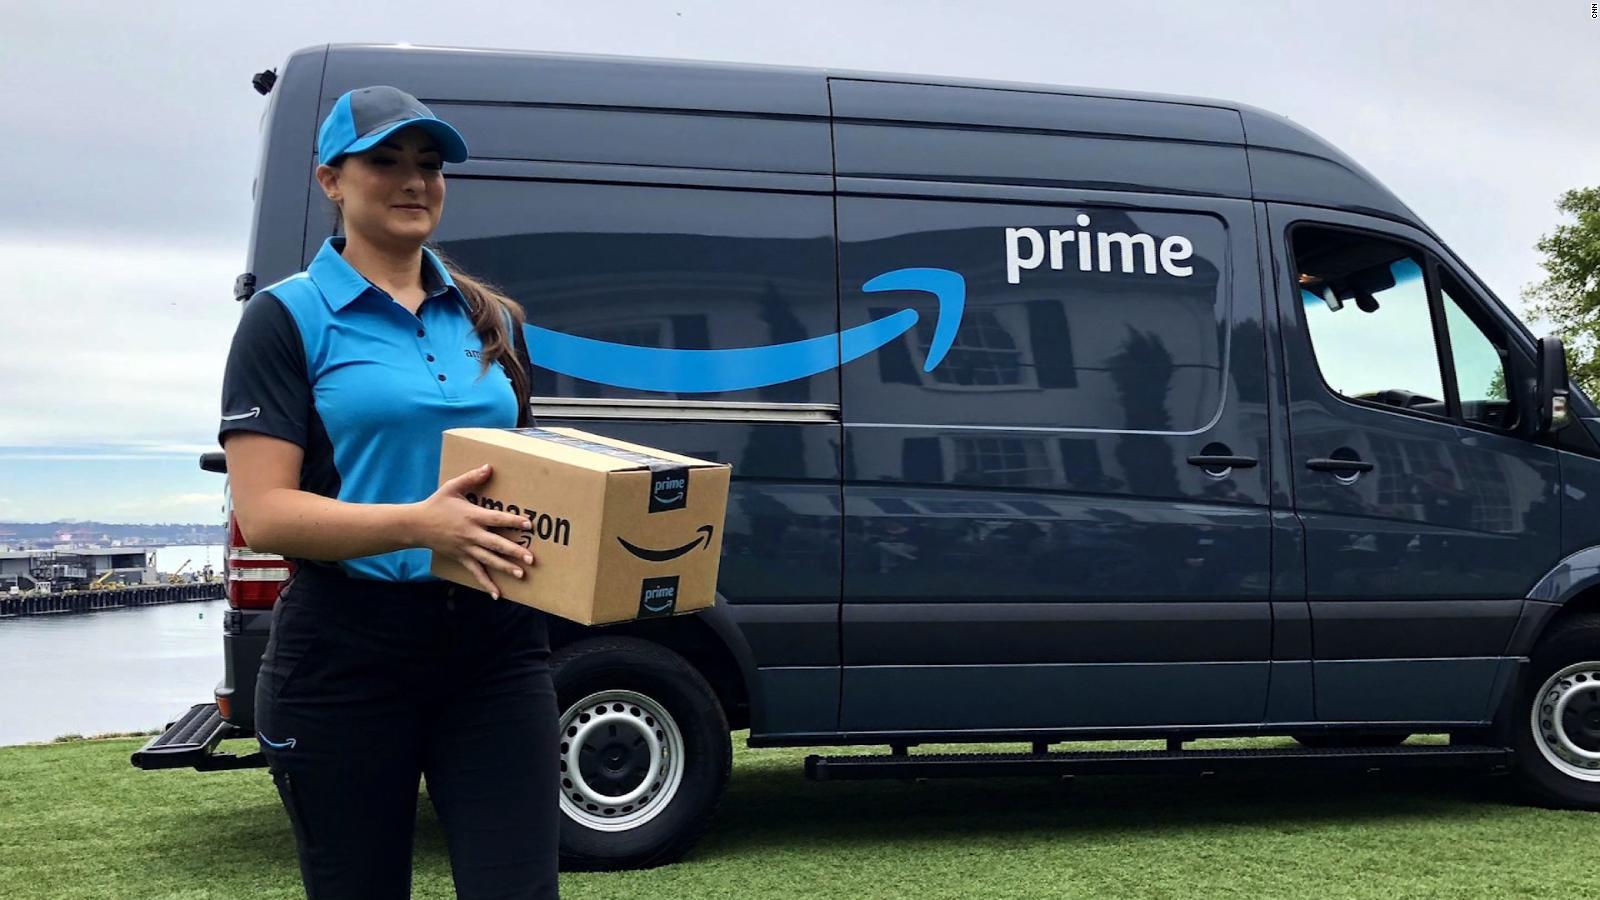 Ya puedes iniciar tu propio negocio junto a Amazon | Video | CNN